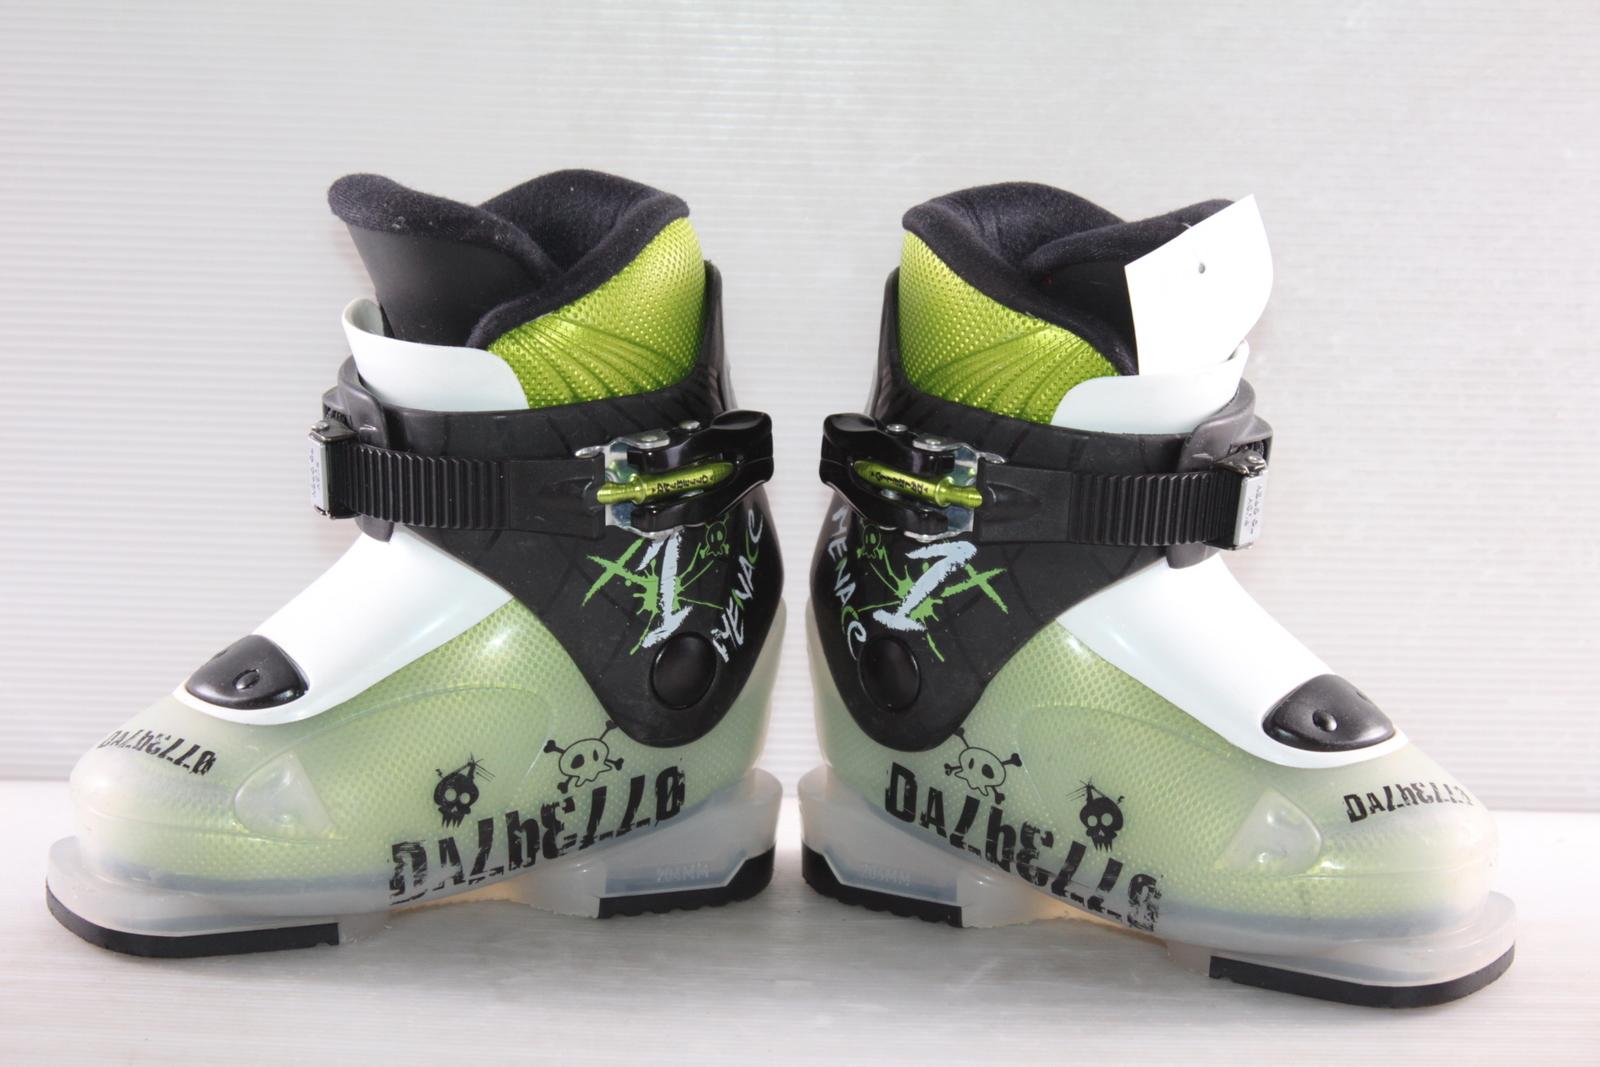 Dětské lyžáky Dalbello Menace vel. EU26.5